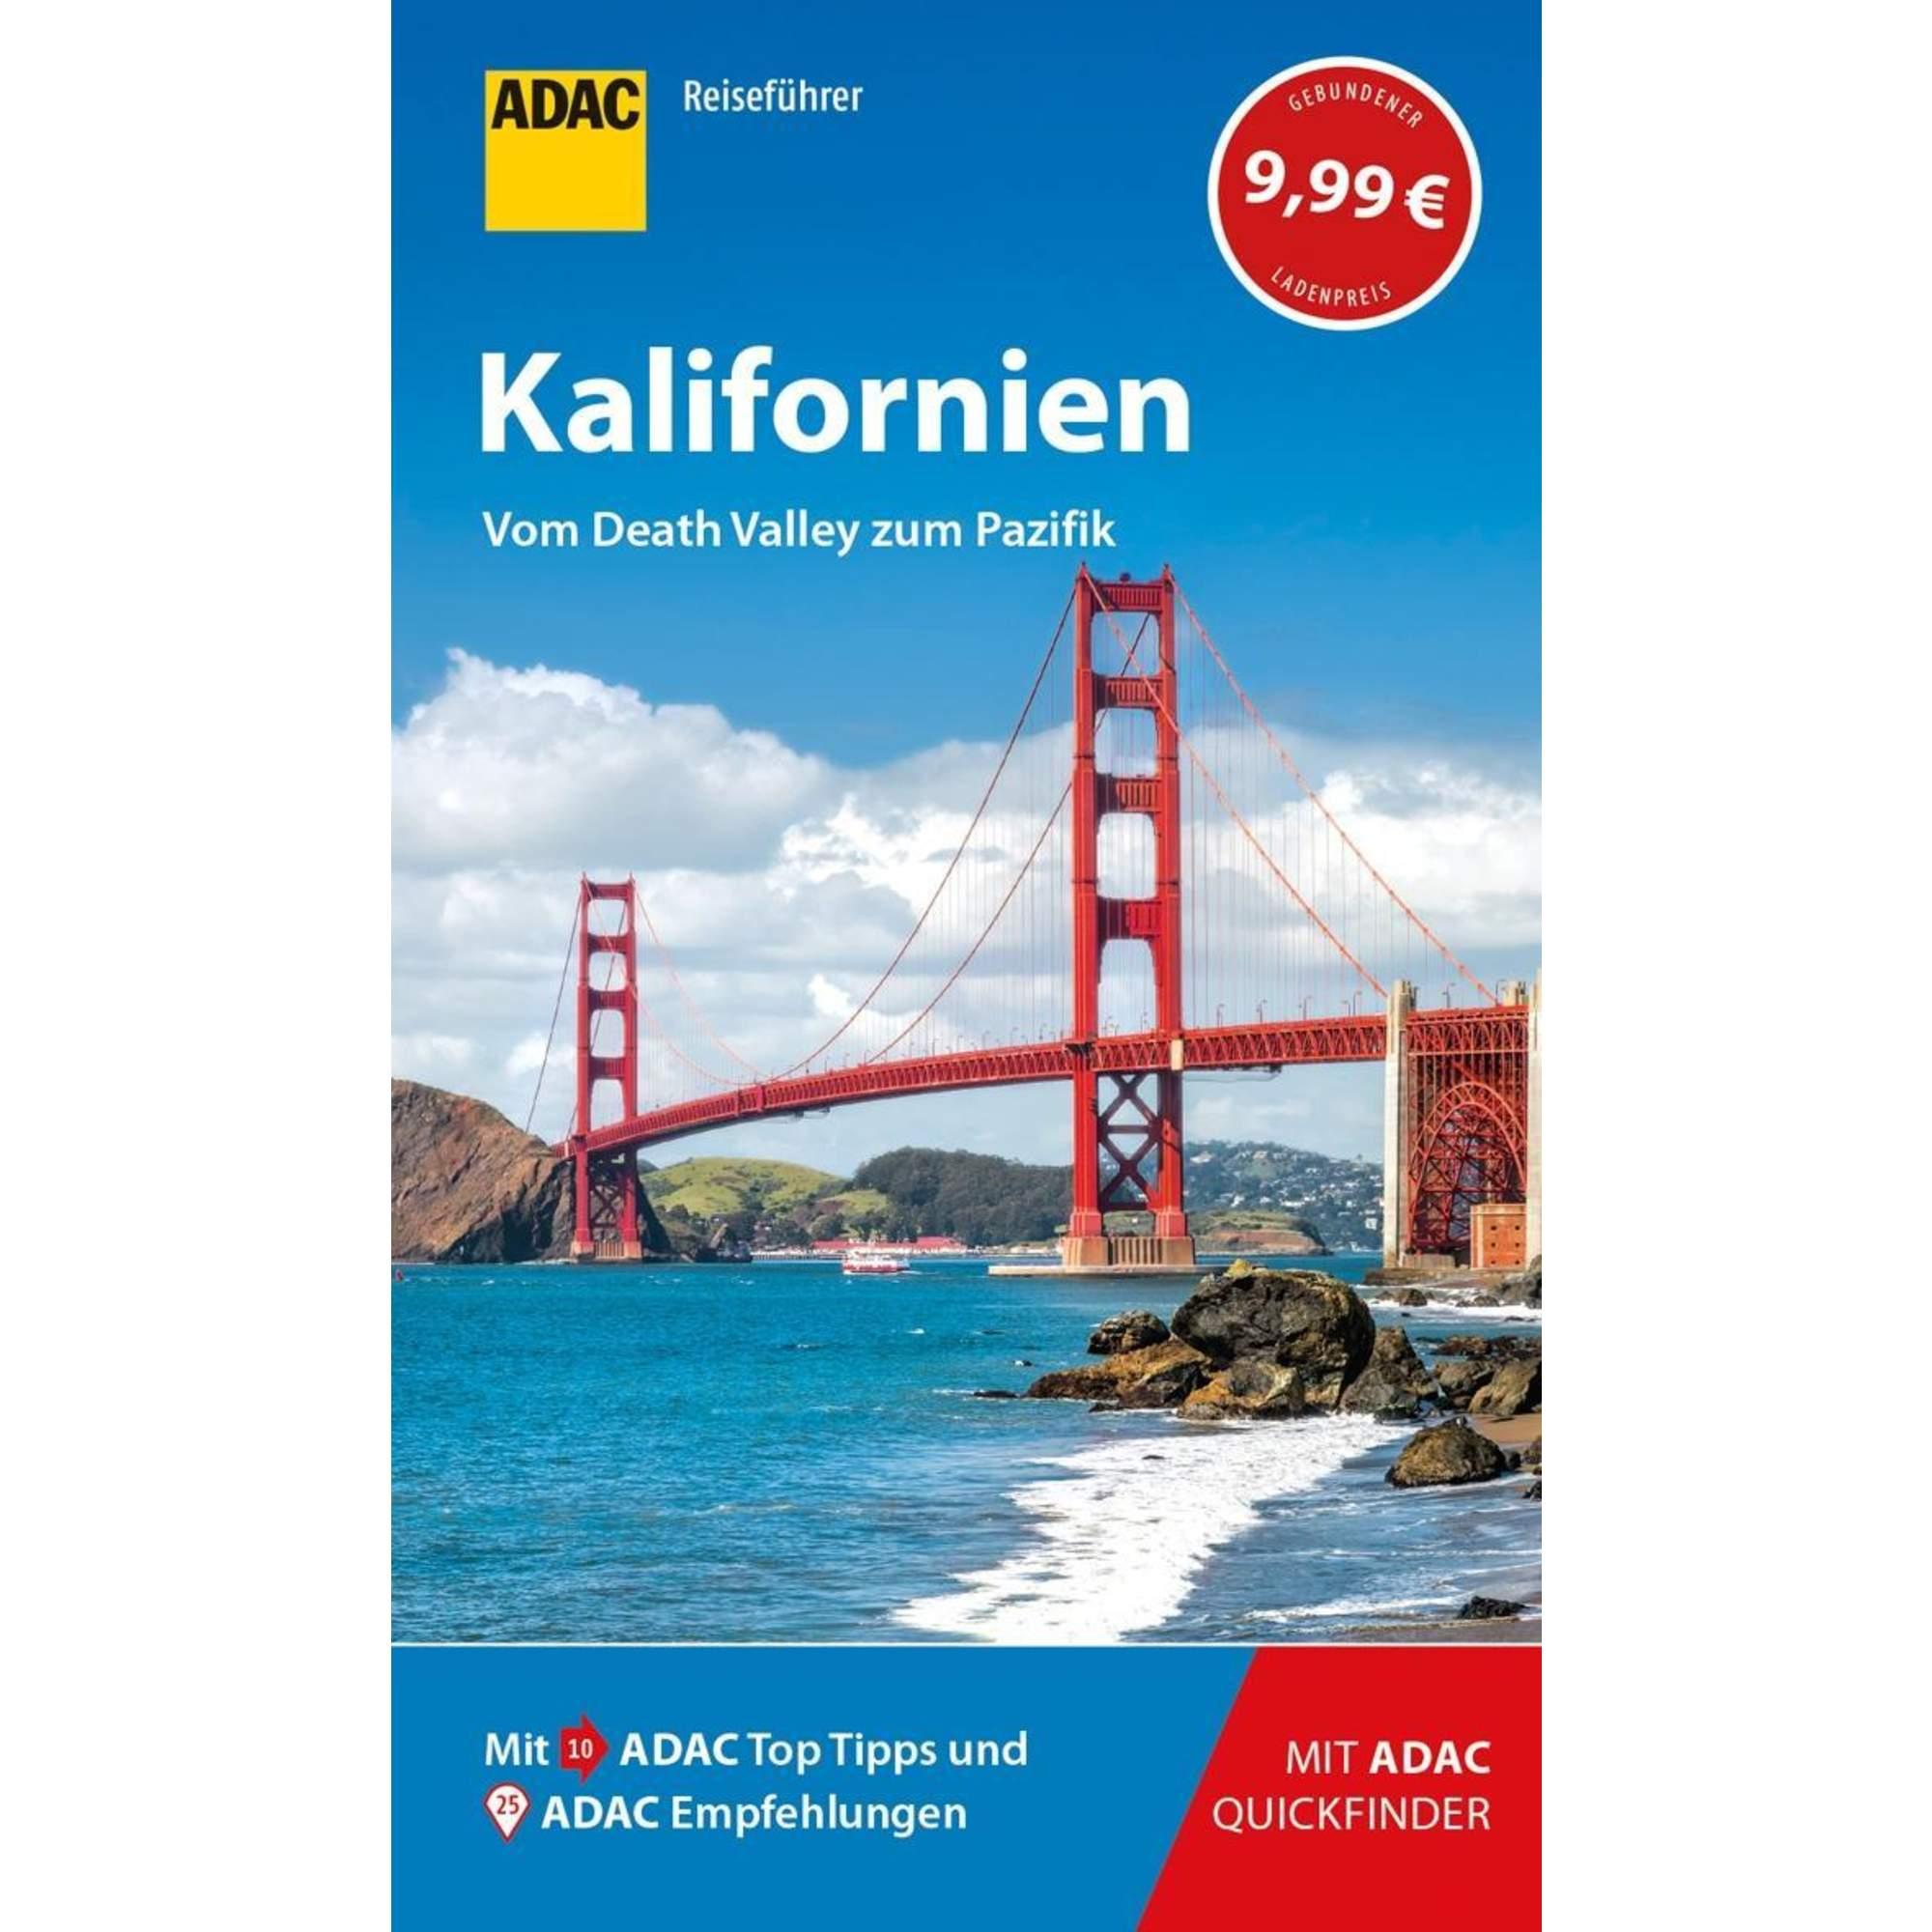 ADAC Reiseführer Kalifornien, 9,99 Euro